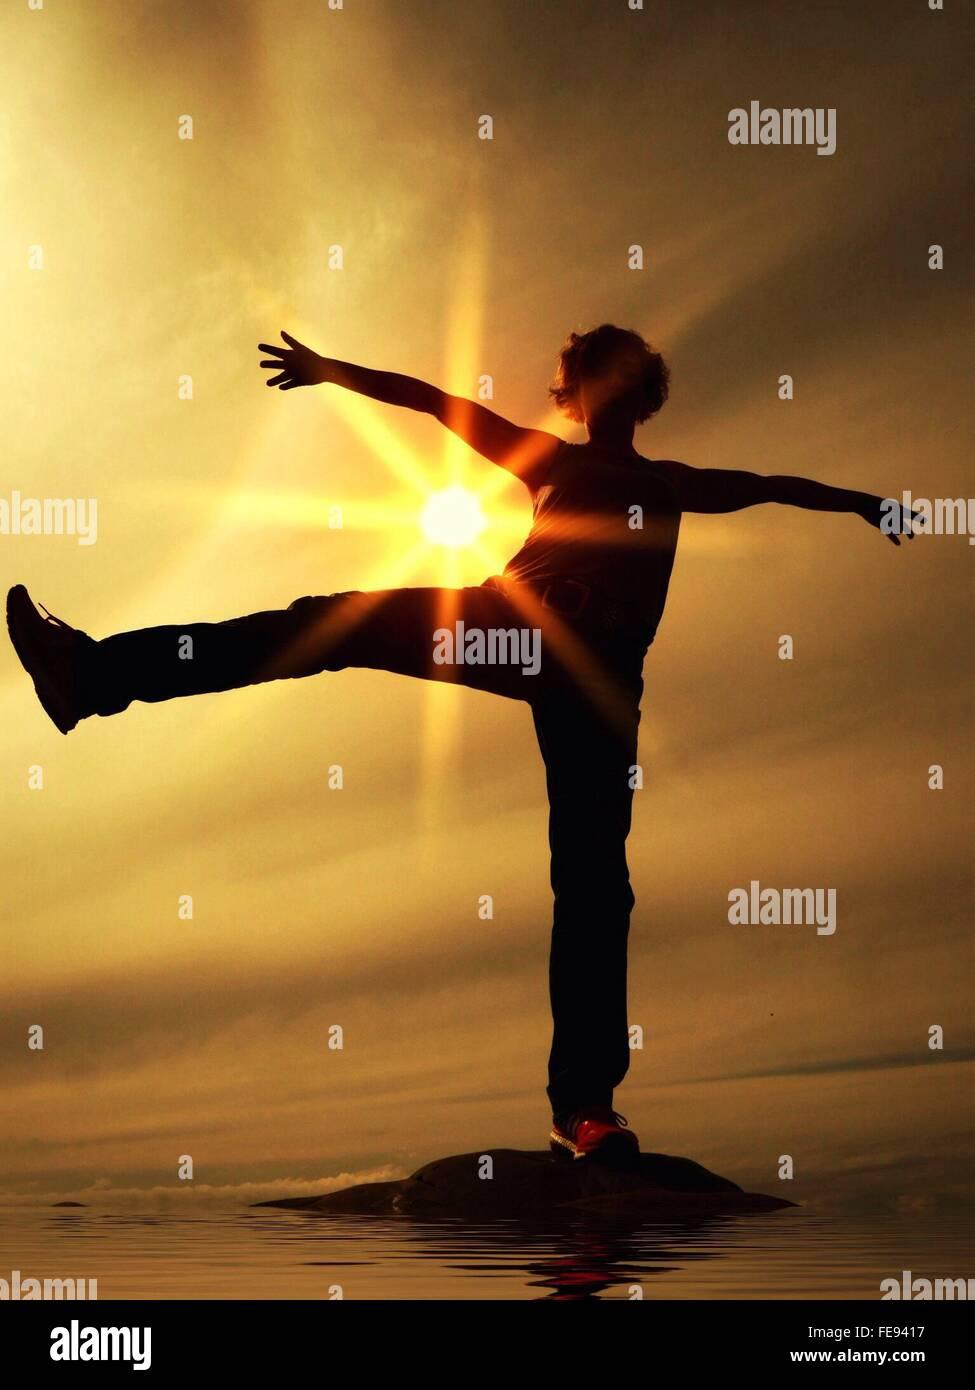 Boy ejercer sobre una roca en el mar contra el cielo durante la puesta de sol Imagen De Stock